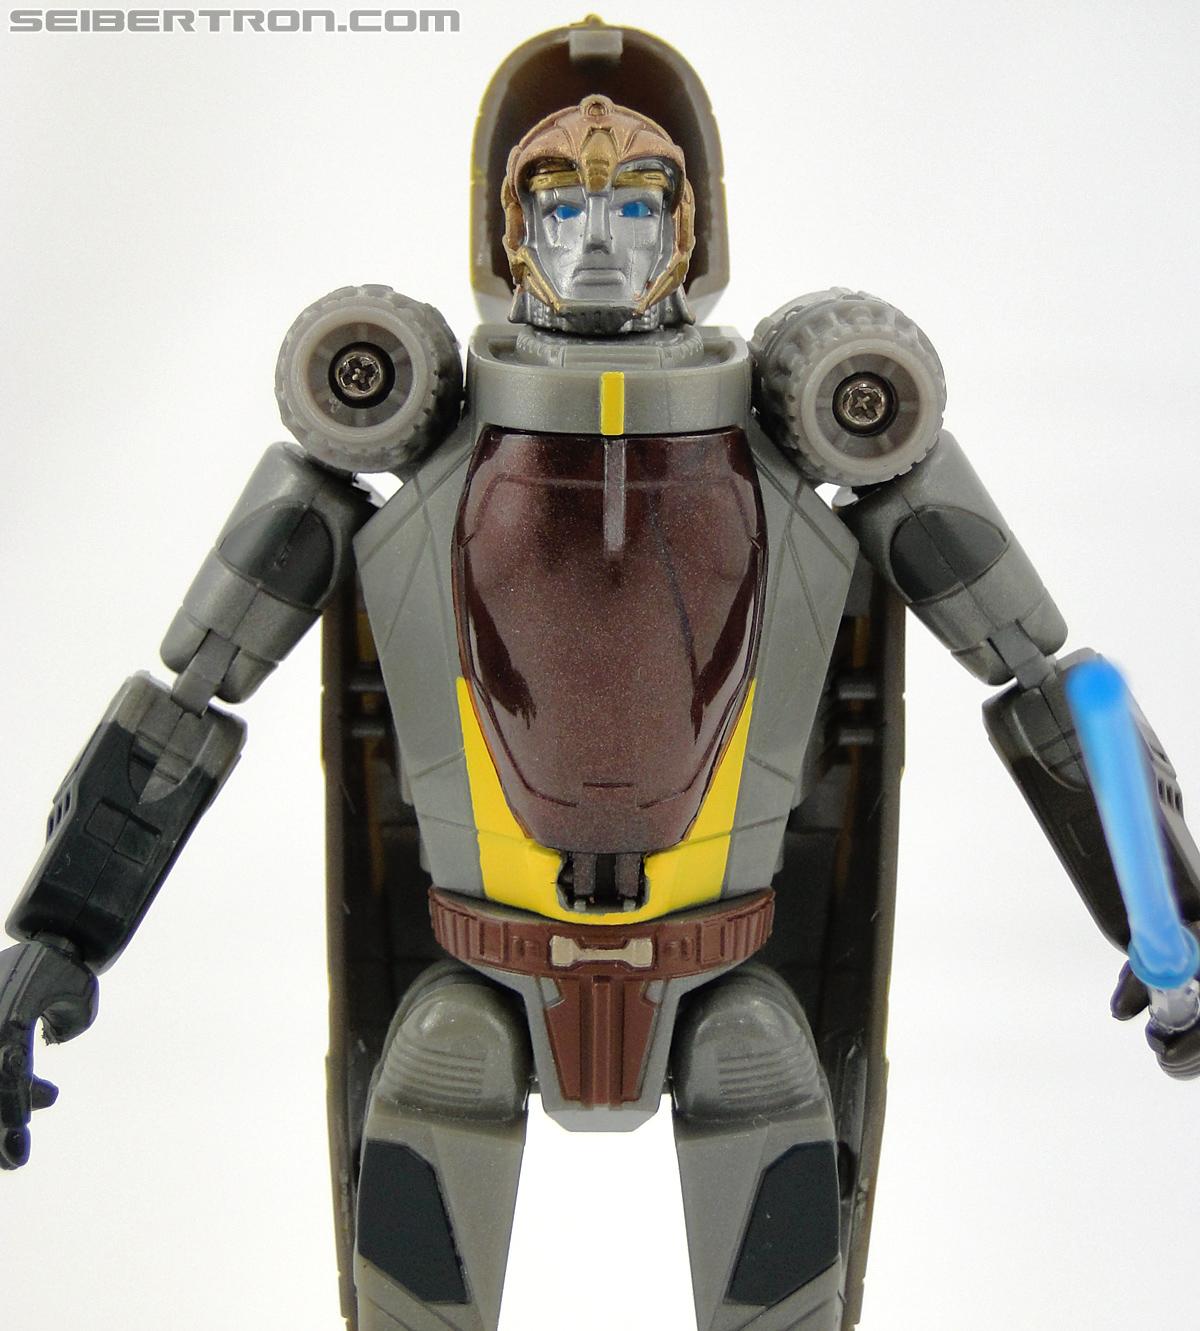 Star Wars Transformers Anakin Skywalker (Jedi Starfighter) (Image #44 of 108)